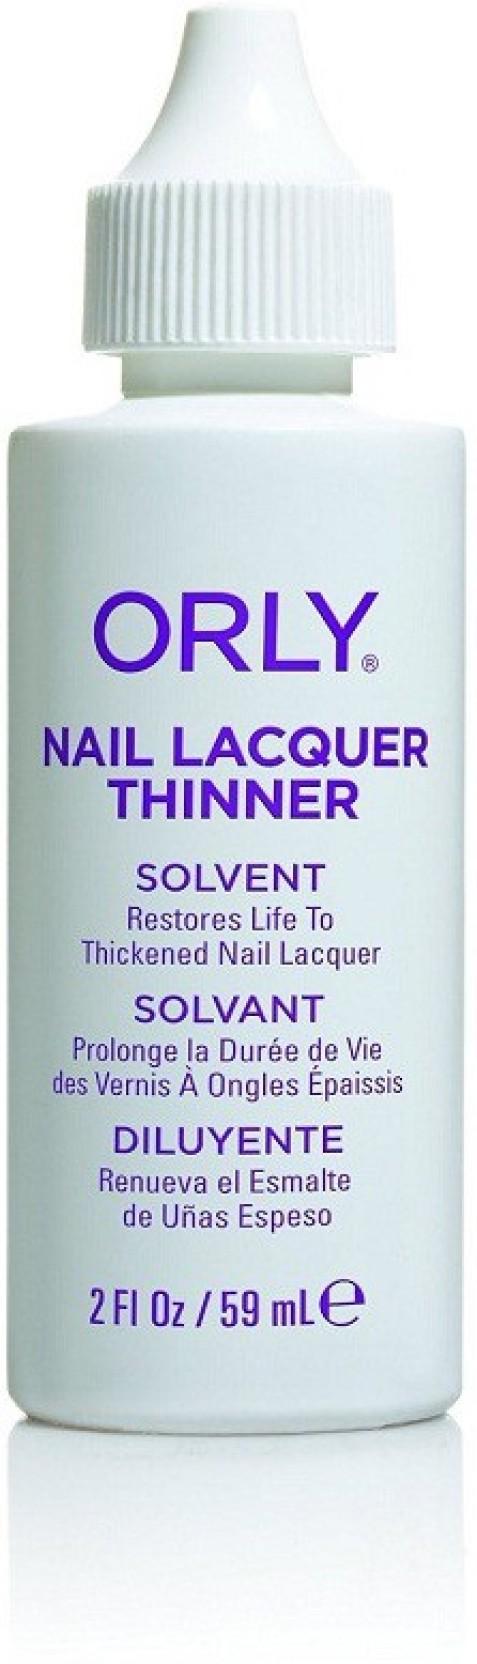 Orly Nail Polish Thinner Na Add To Cart